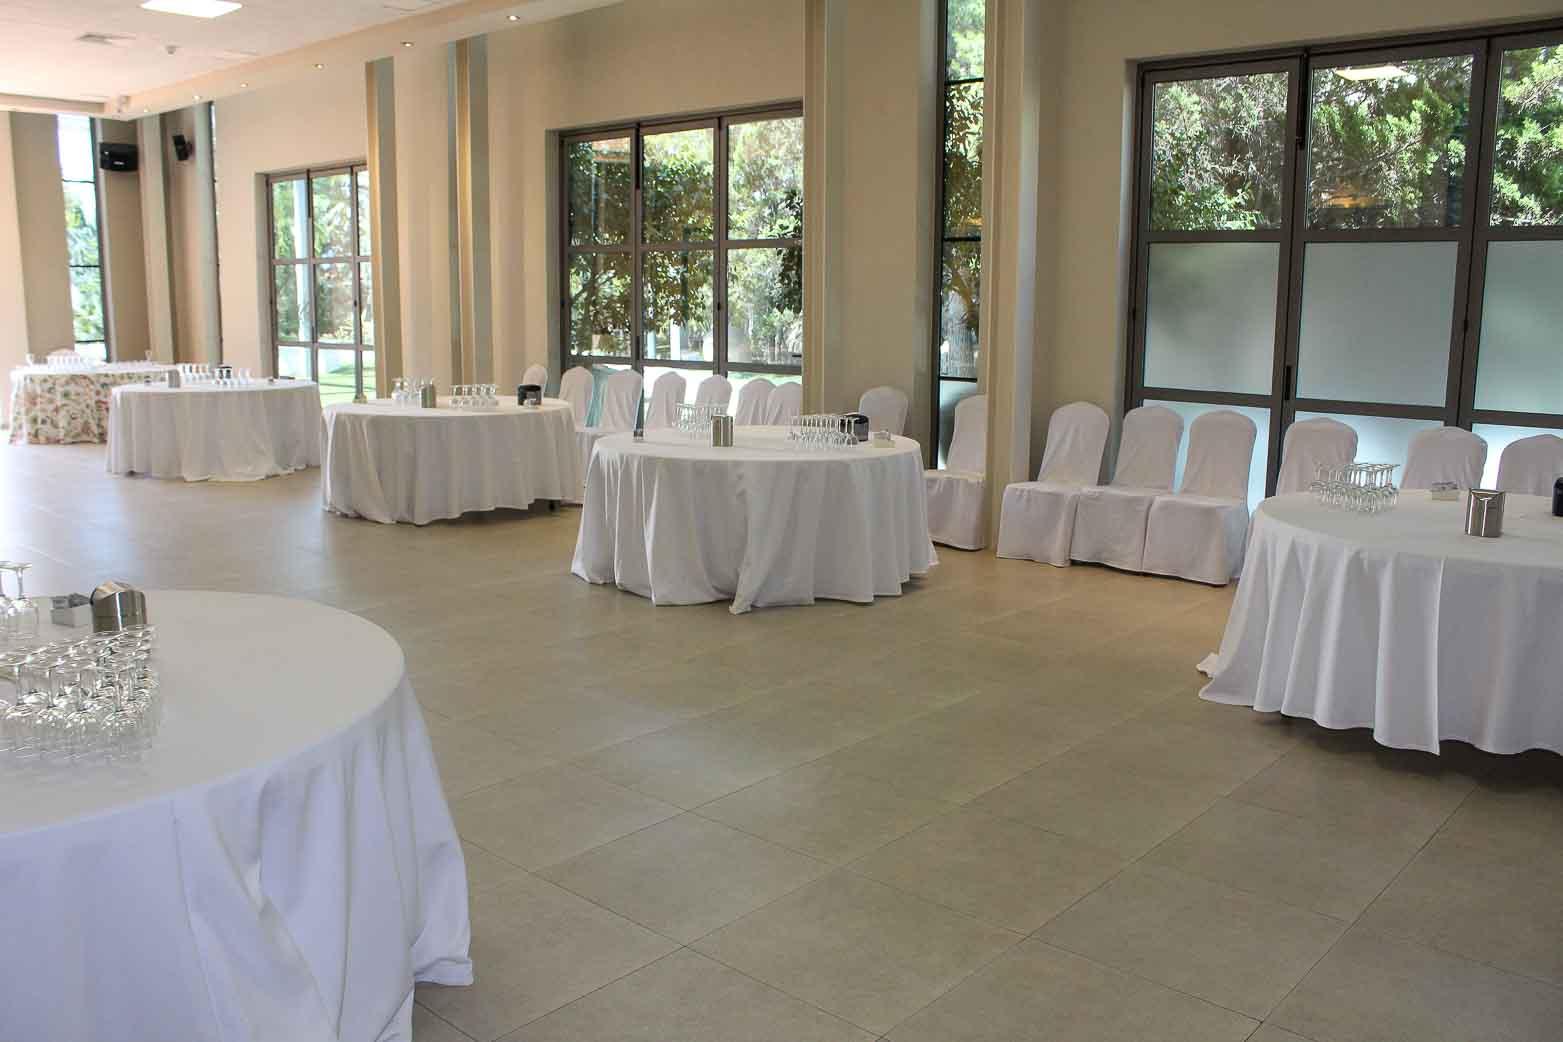 restaurantes comuniones bautizos altorreal alcayna Porton Condesa